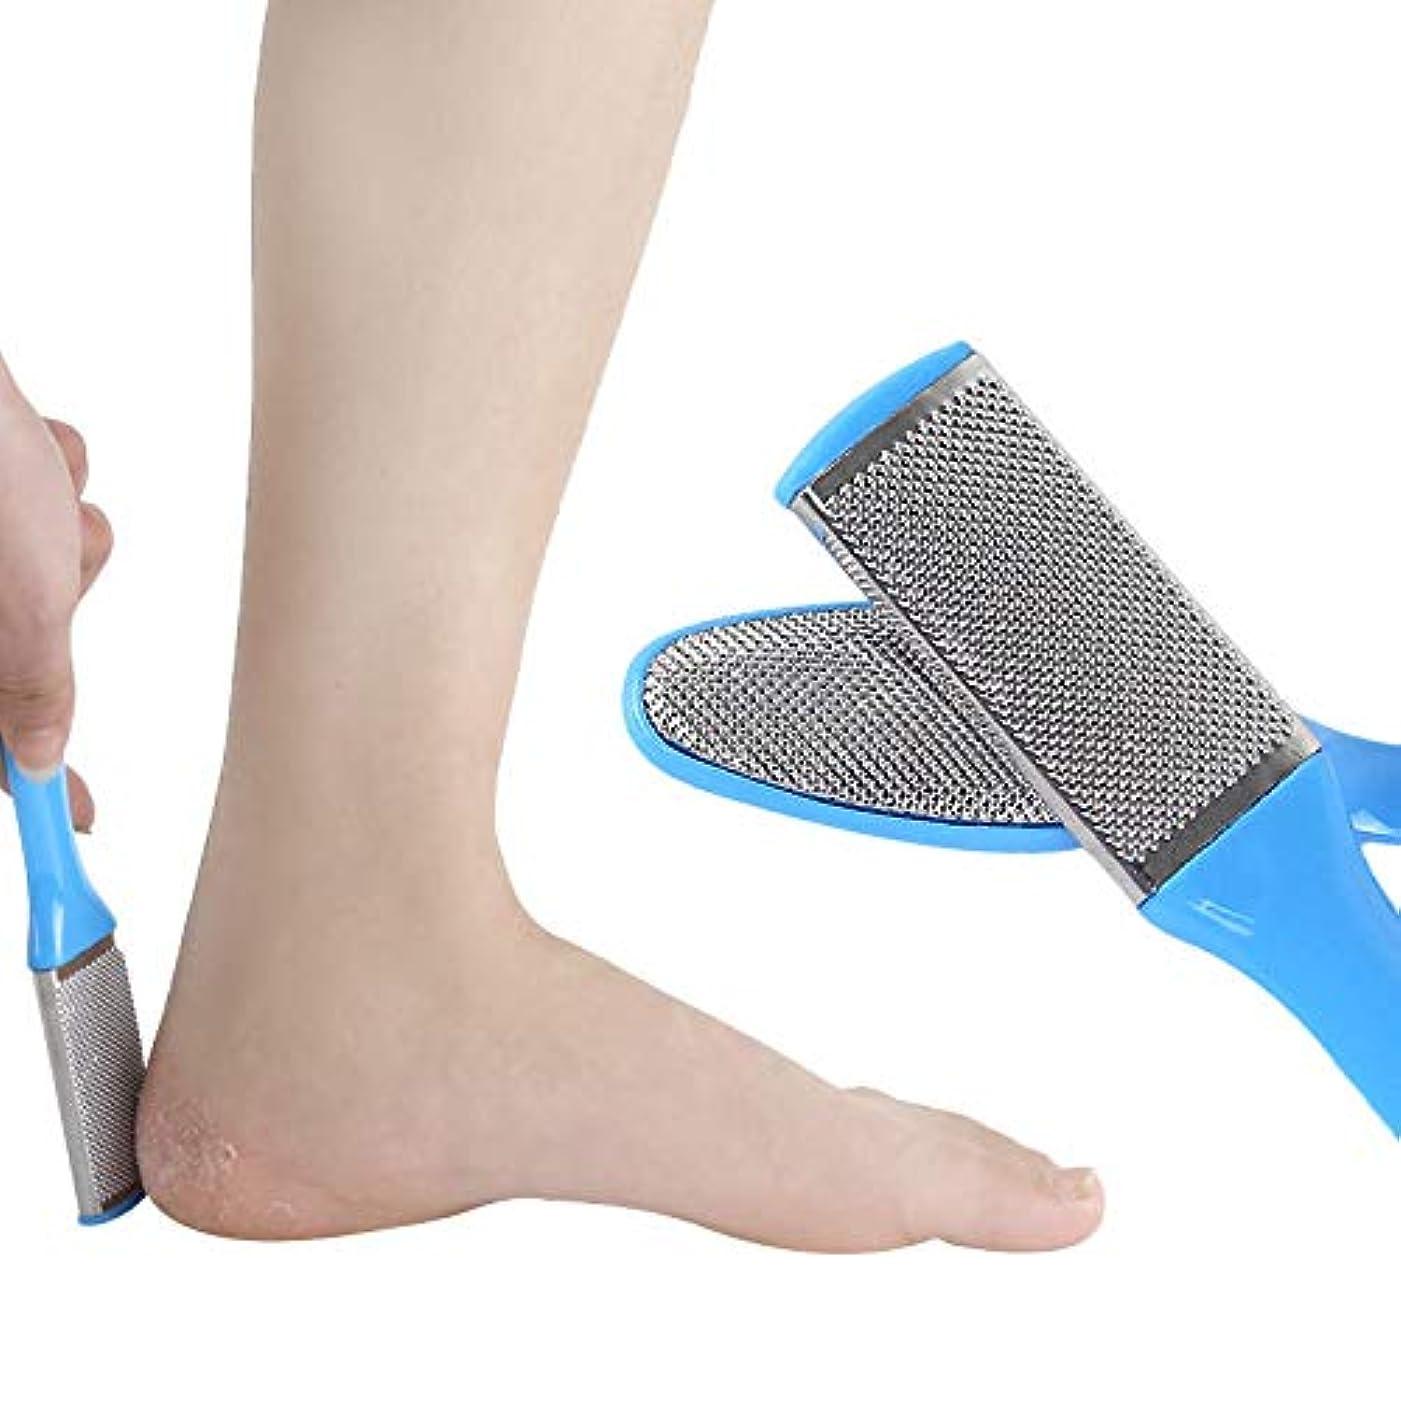 解読する誠実ペナルティyuio 男性用女性用ペディキュアセット8個フットファイルフットラスプ乾いた足と濡れた足に最適なカルスリムーバー、角質除去、ハードスキン、外科用グレードのステンレスファイル